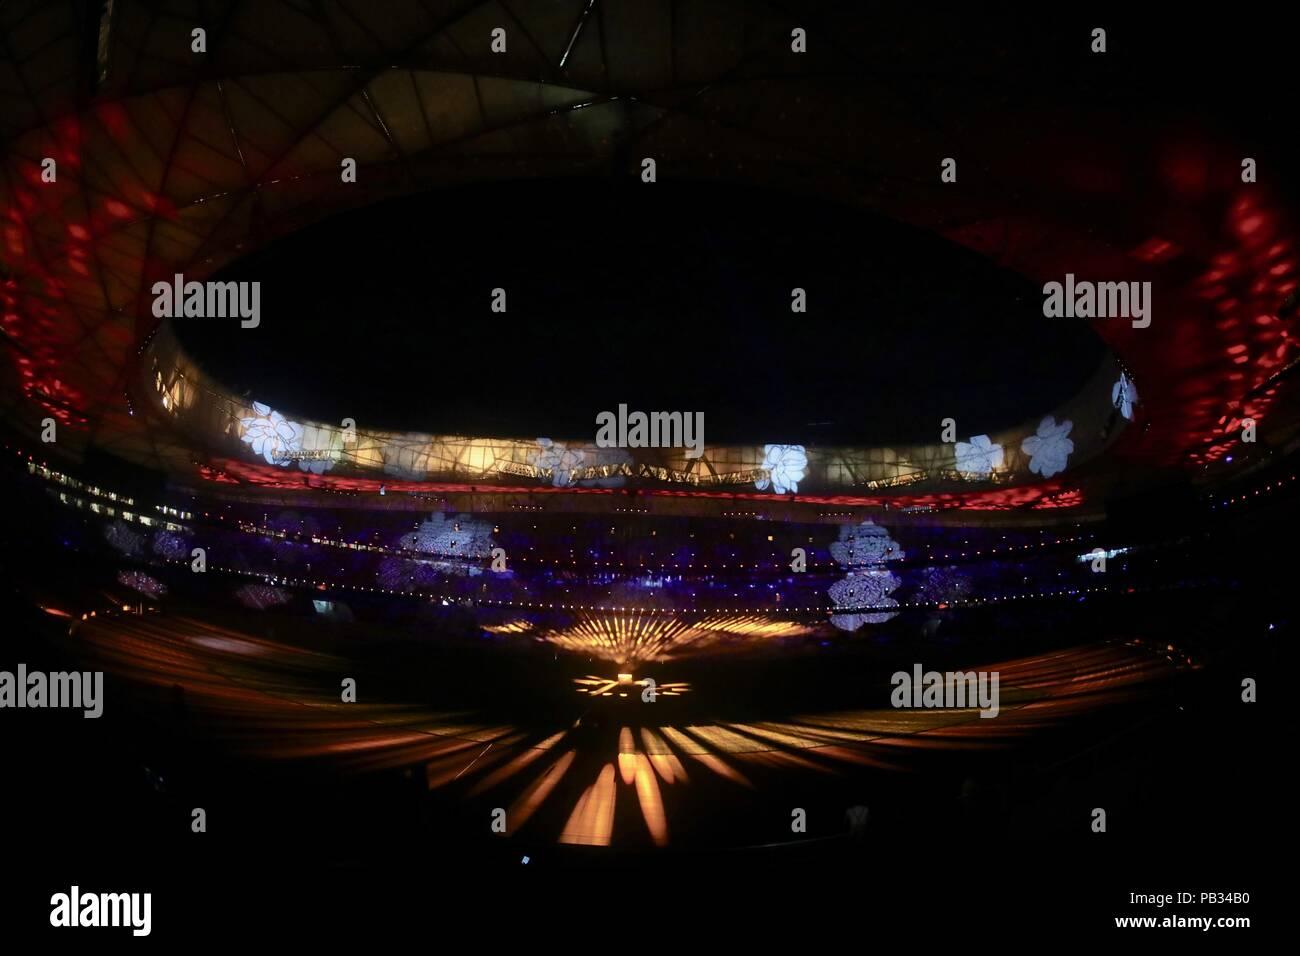 China at the 2008 Summer Olympics